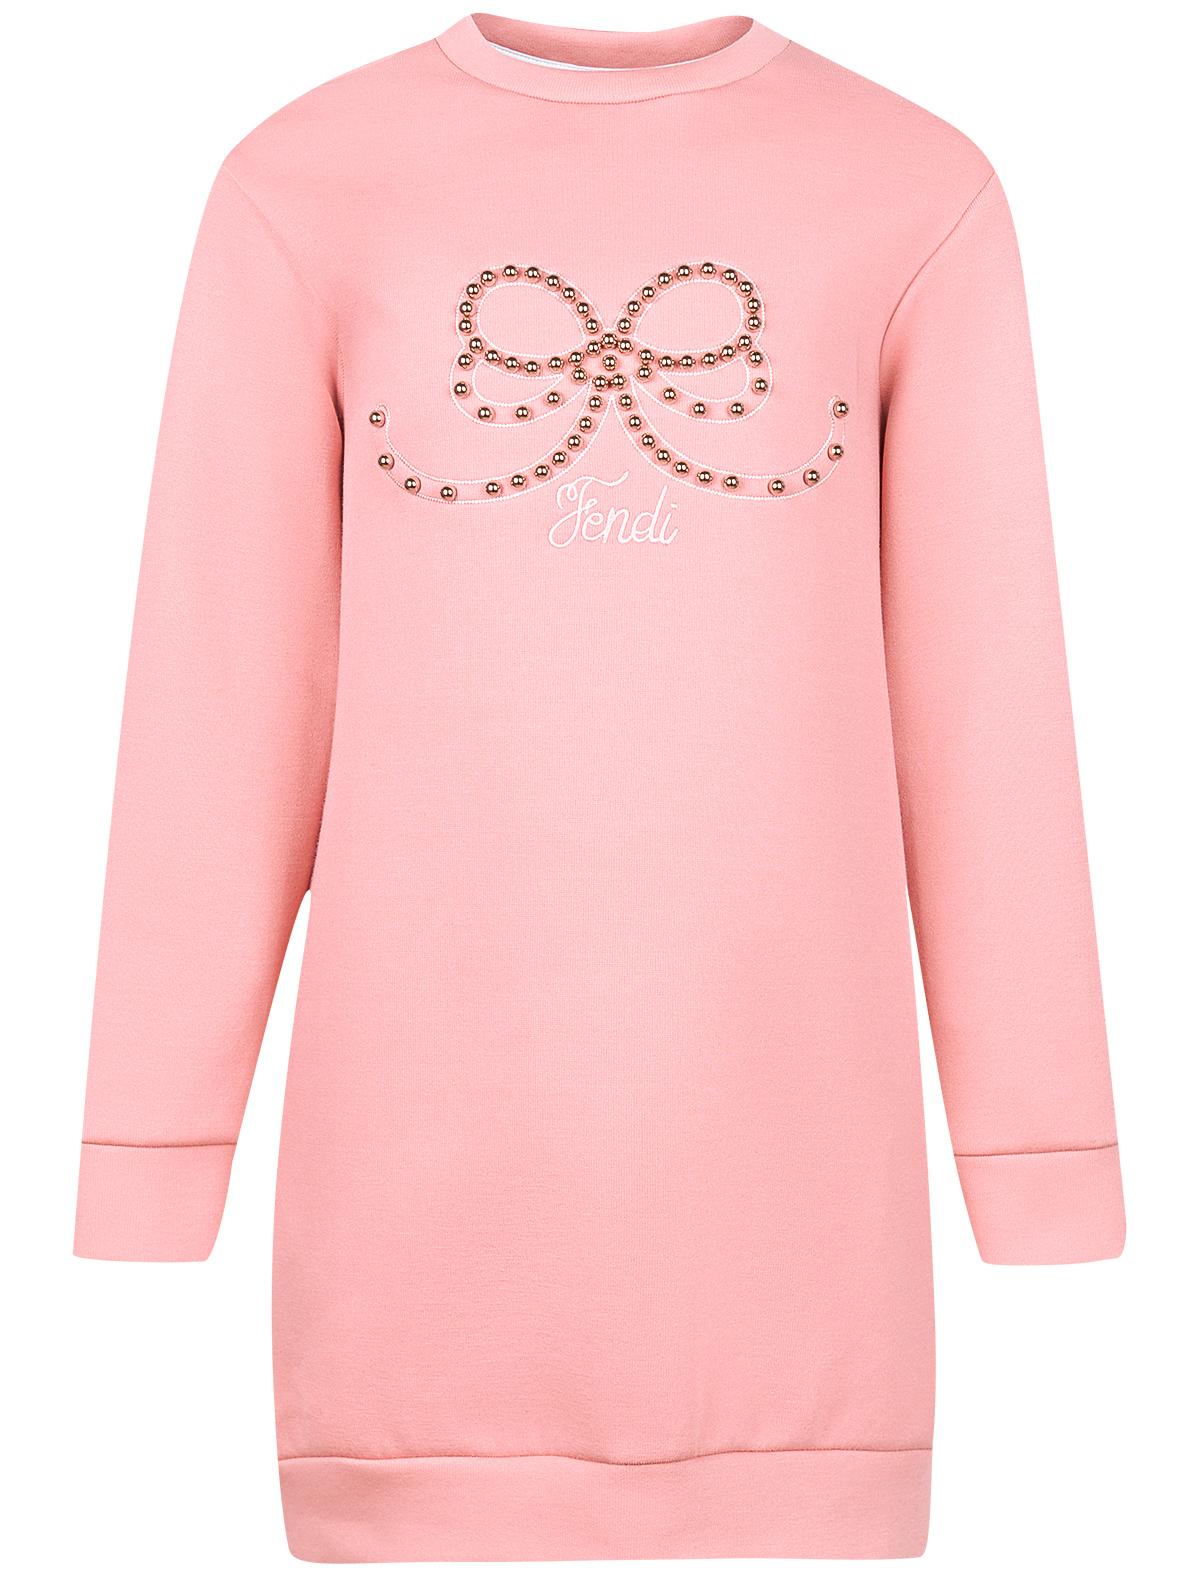 Купить 1870802, Платье Fendi, розовый, Женский, 1052609880438